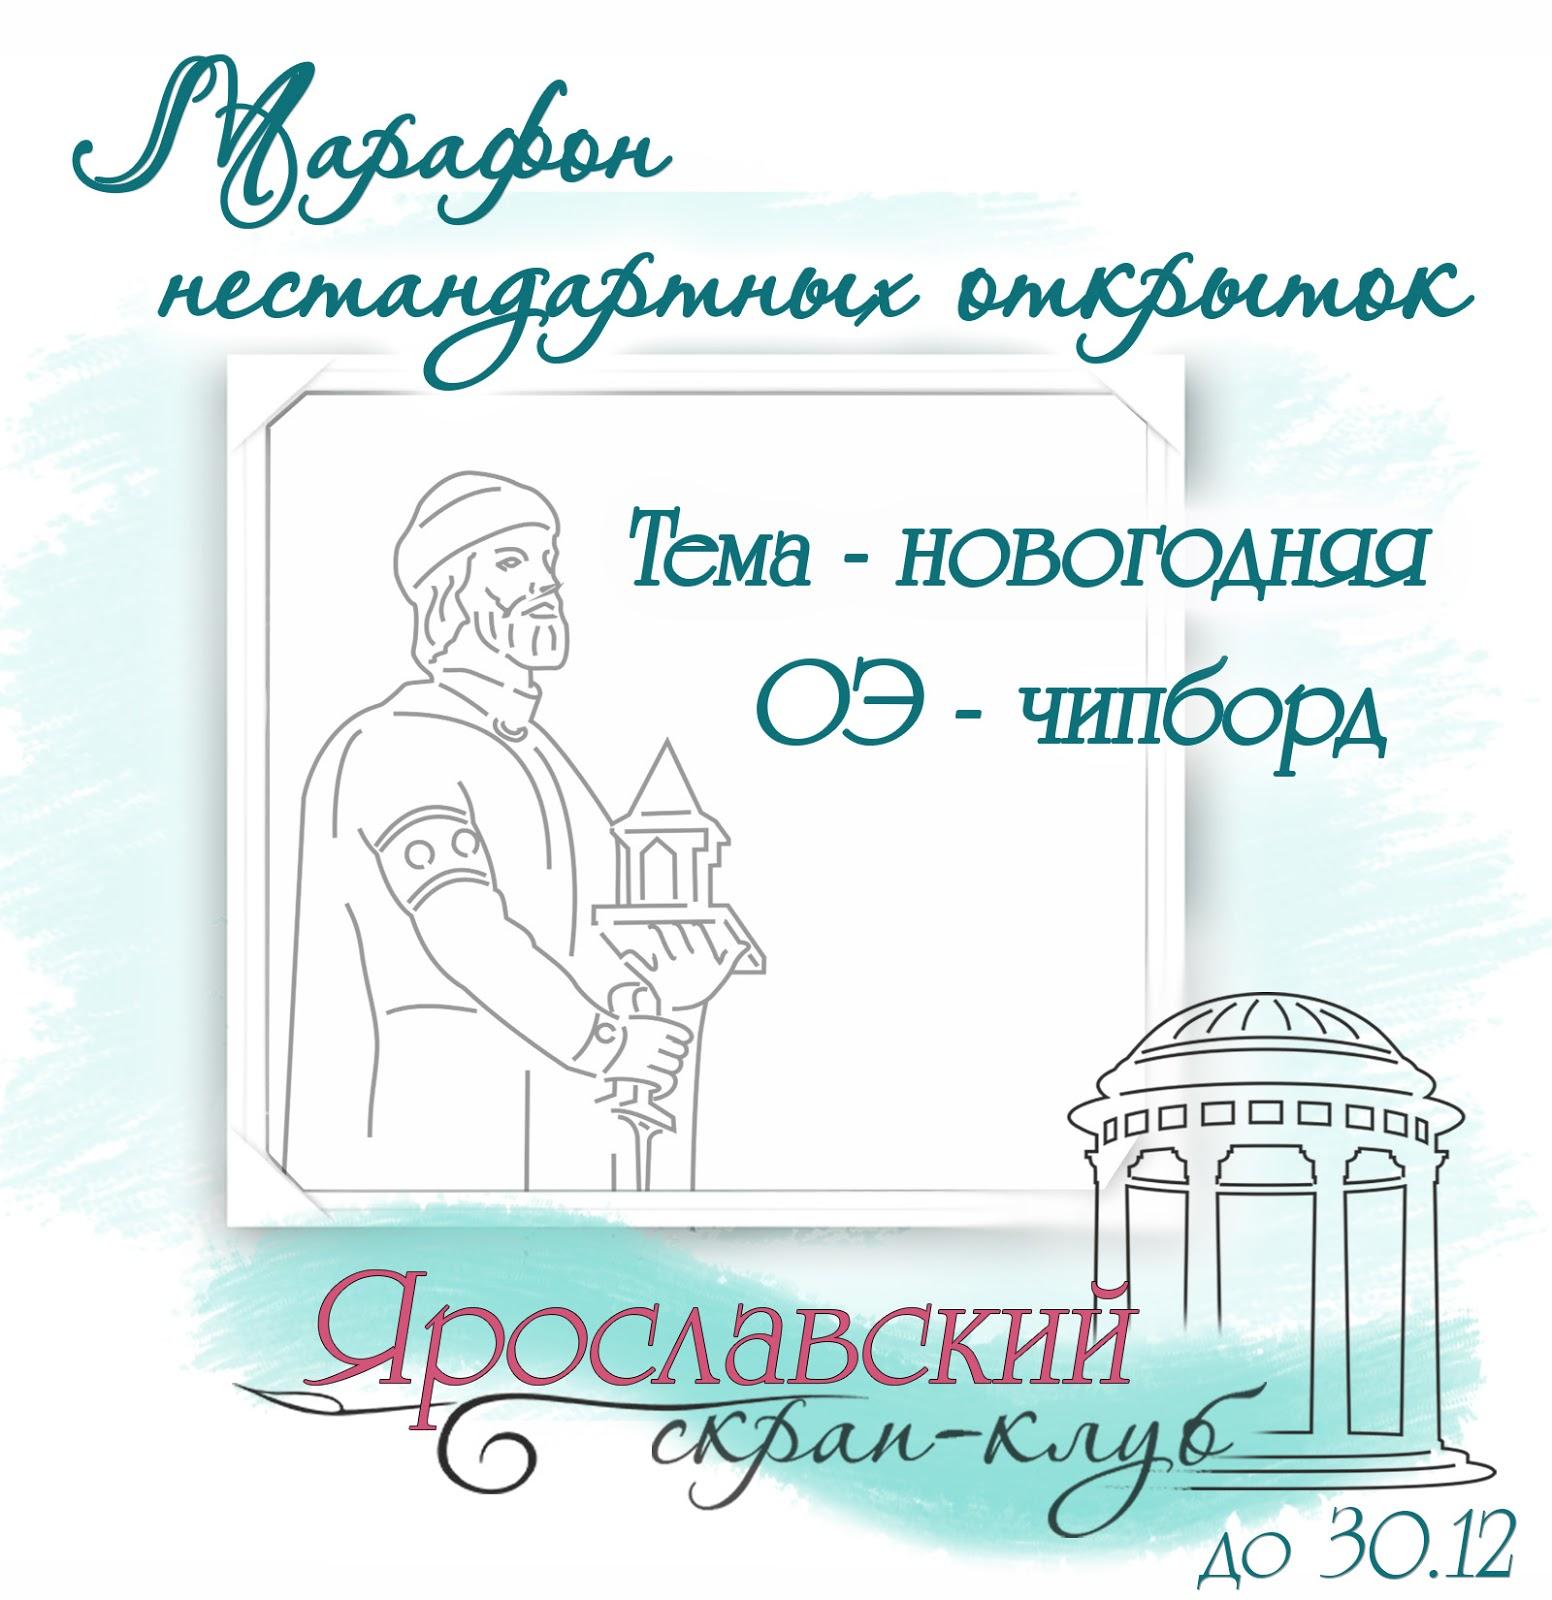 Марафон нестандартных открыток : тема - новогодняя до 31.12.2018